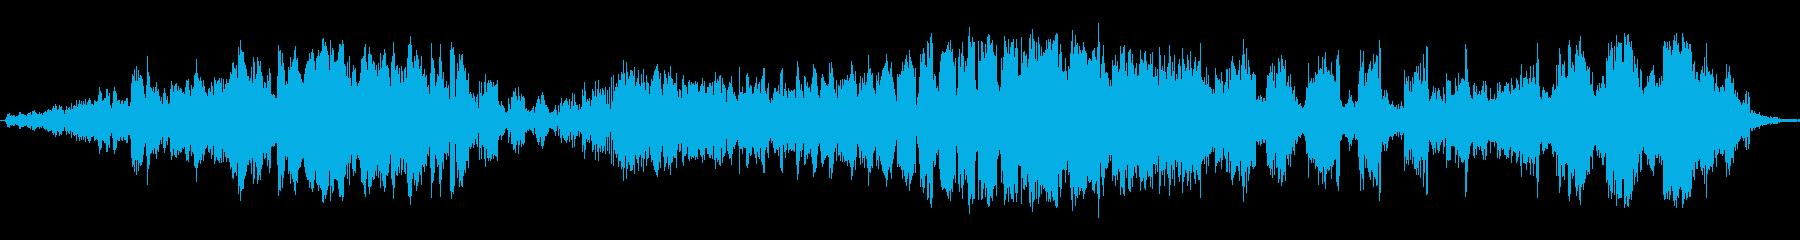 ピアスエネルギースイープの再生済みの波形